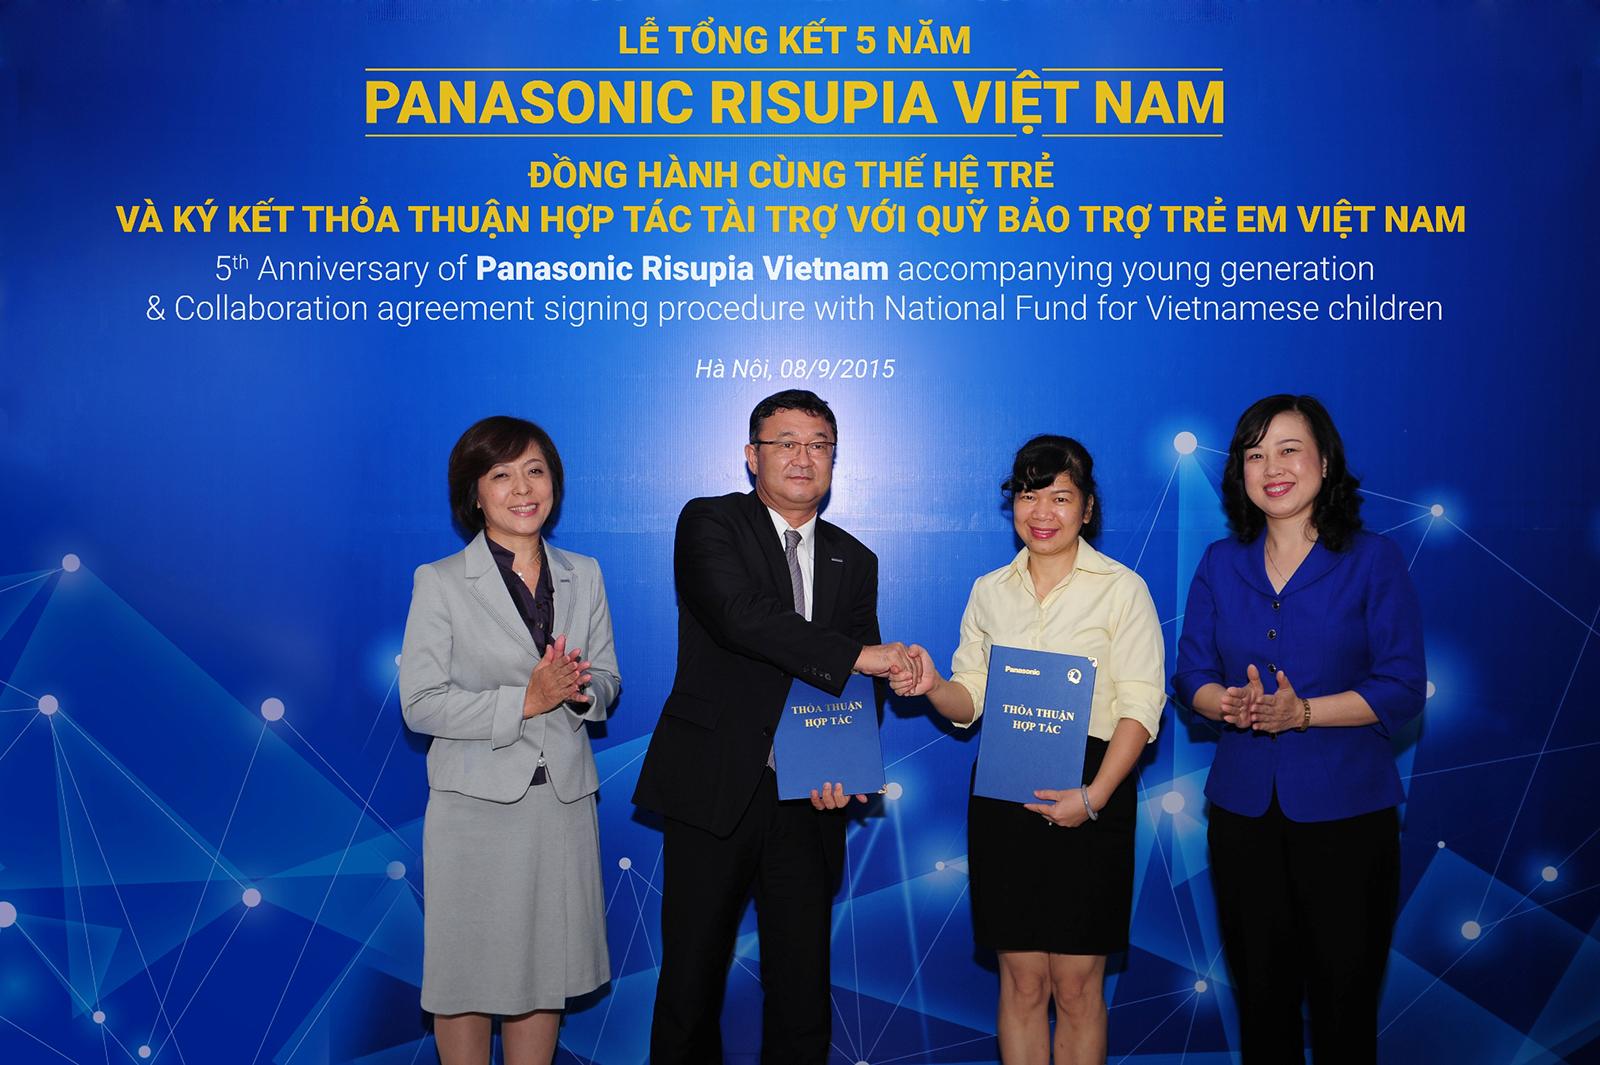 「ベトナムの子どものための国家基金」への寄贈式 @ パナソニック リスーピア ベトナム